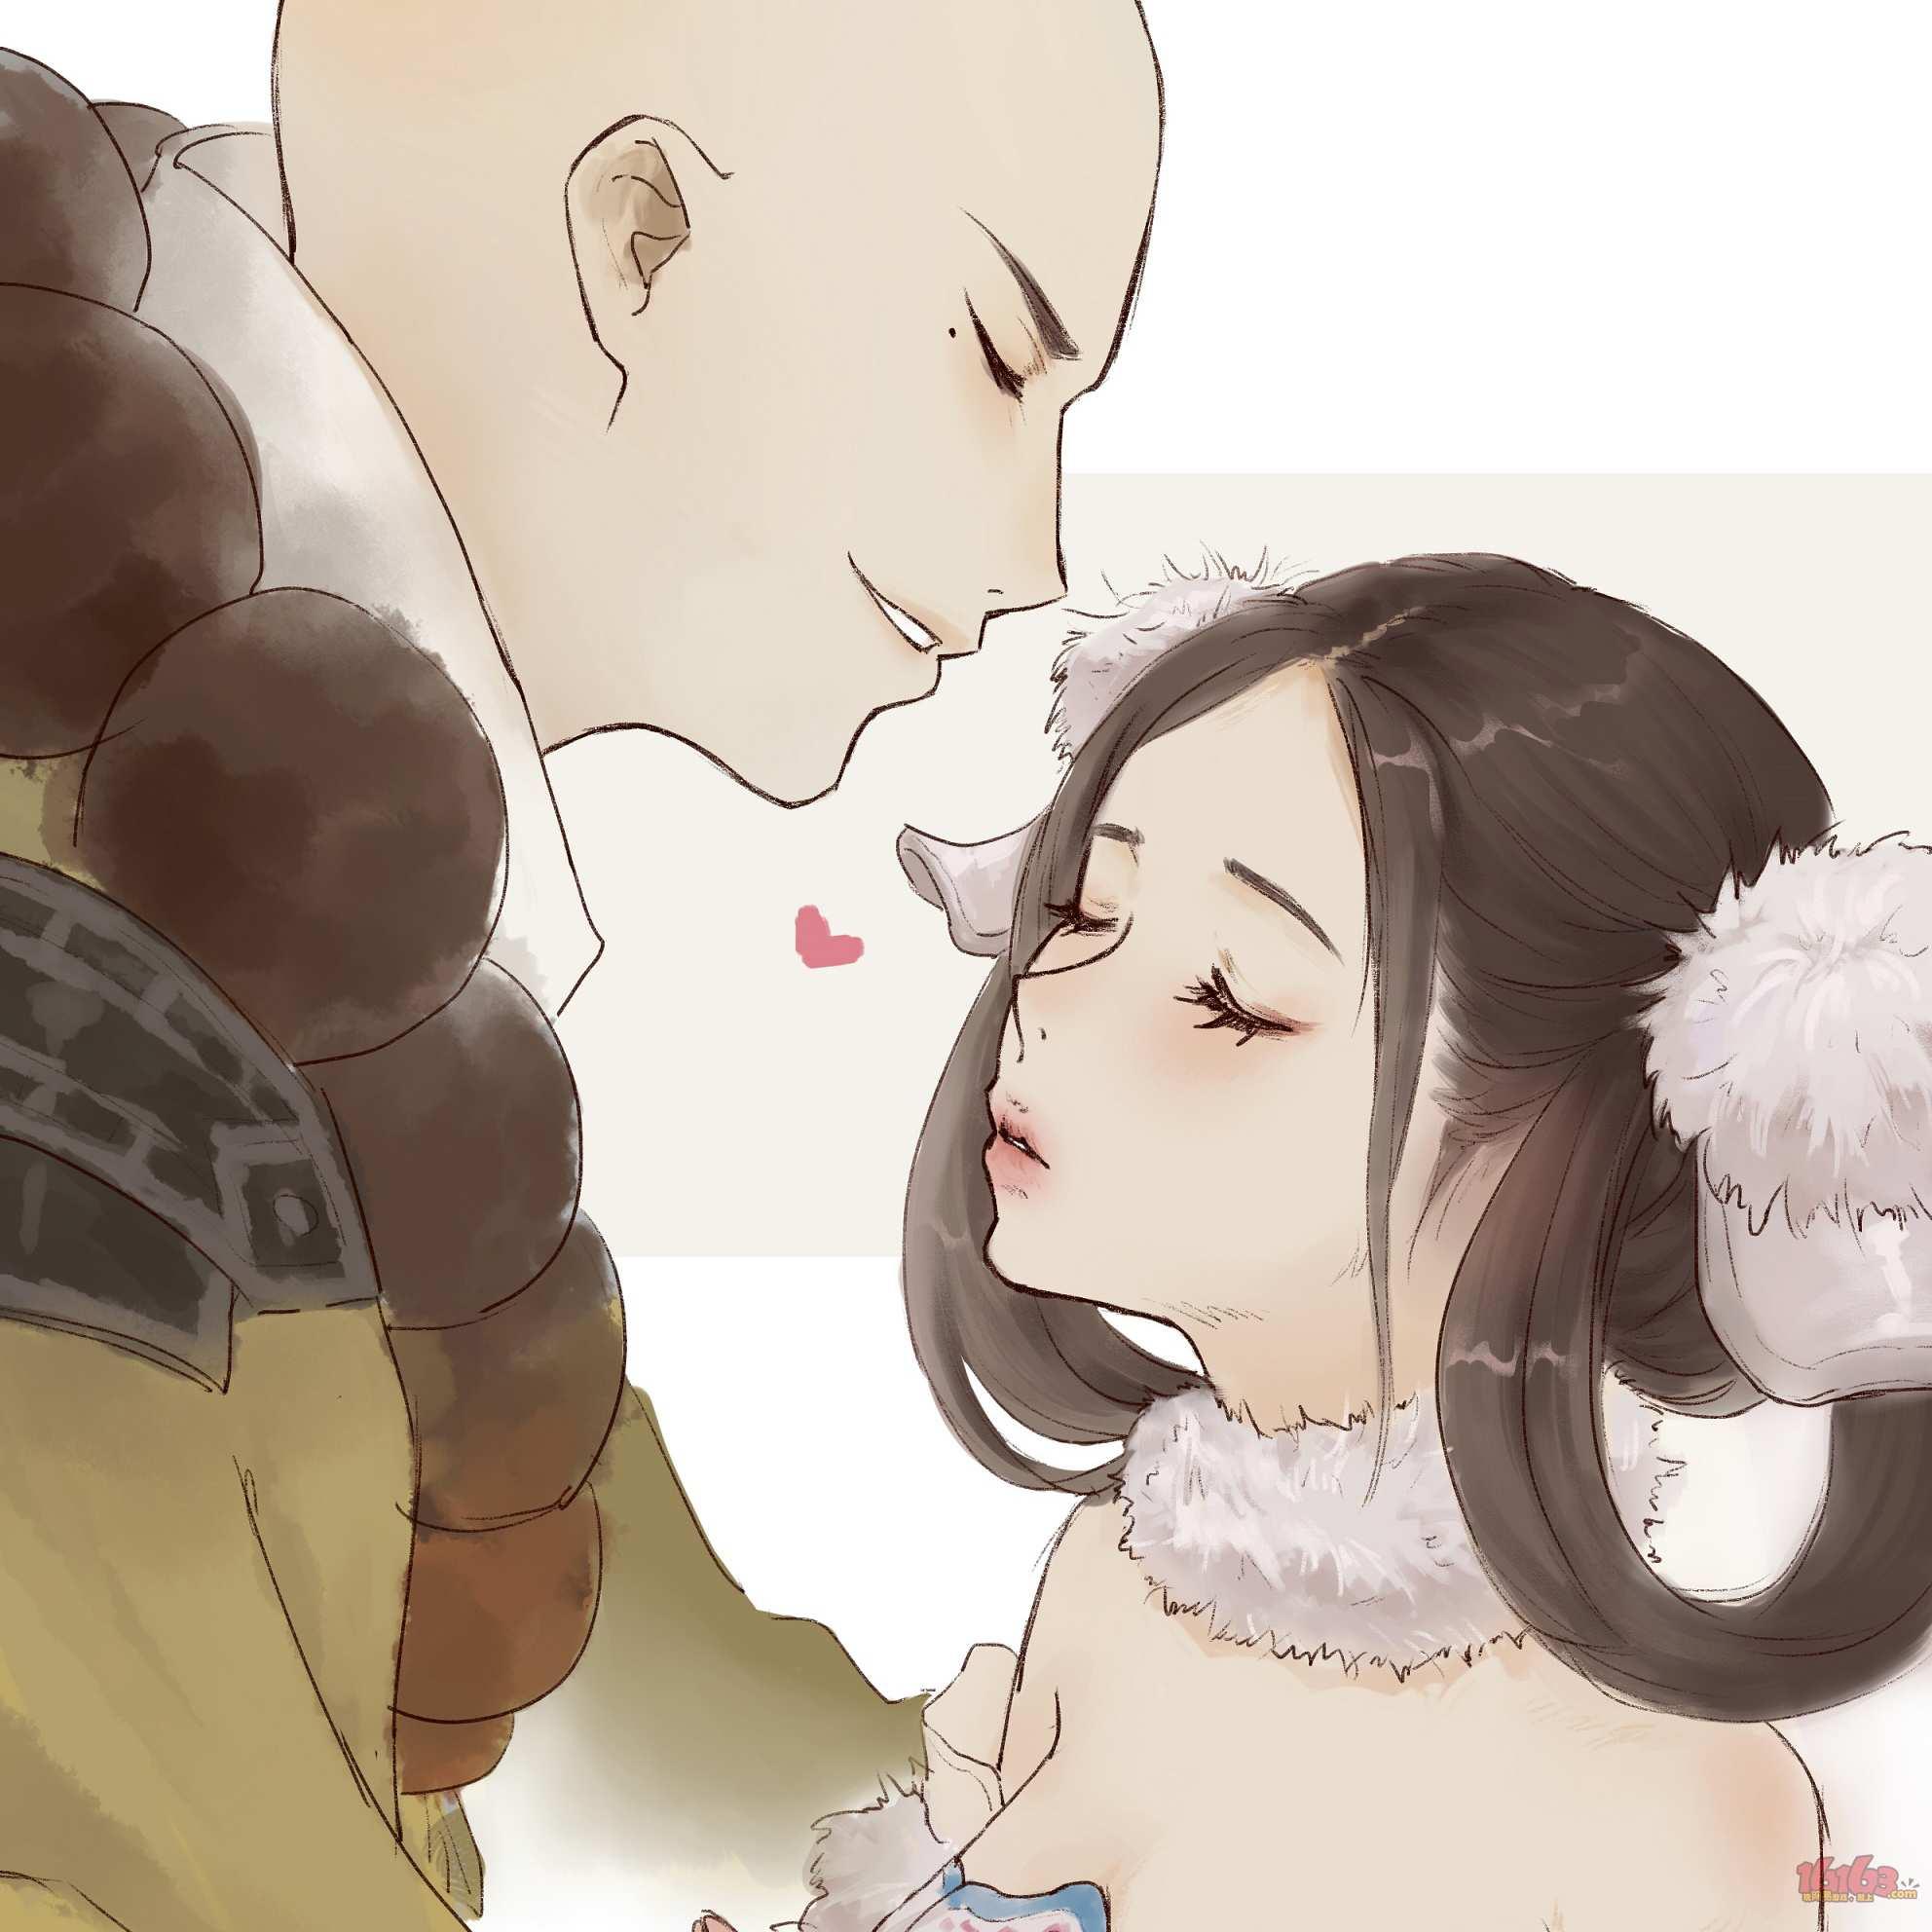 """【江湖笔墨客】""""闭上眼睛,我告诉你一个秘密~"""""""